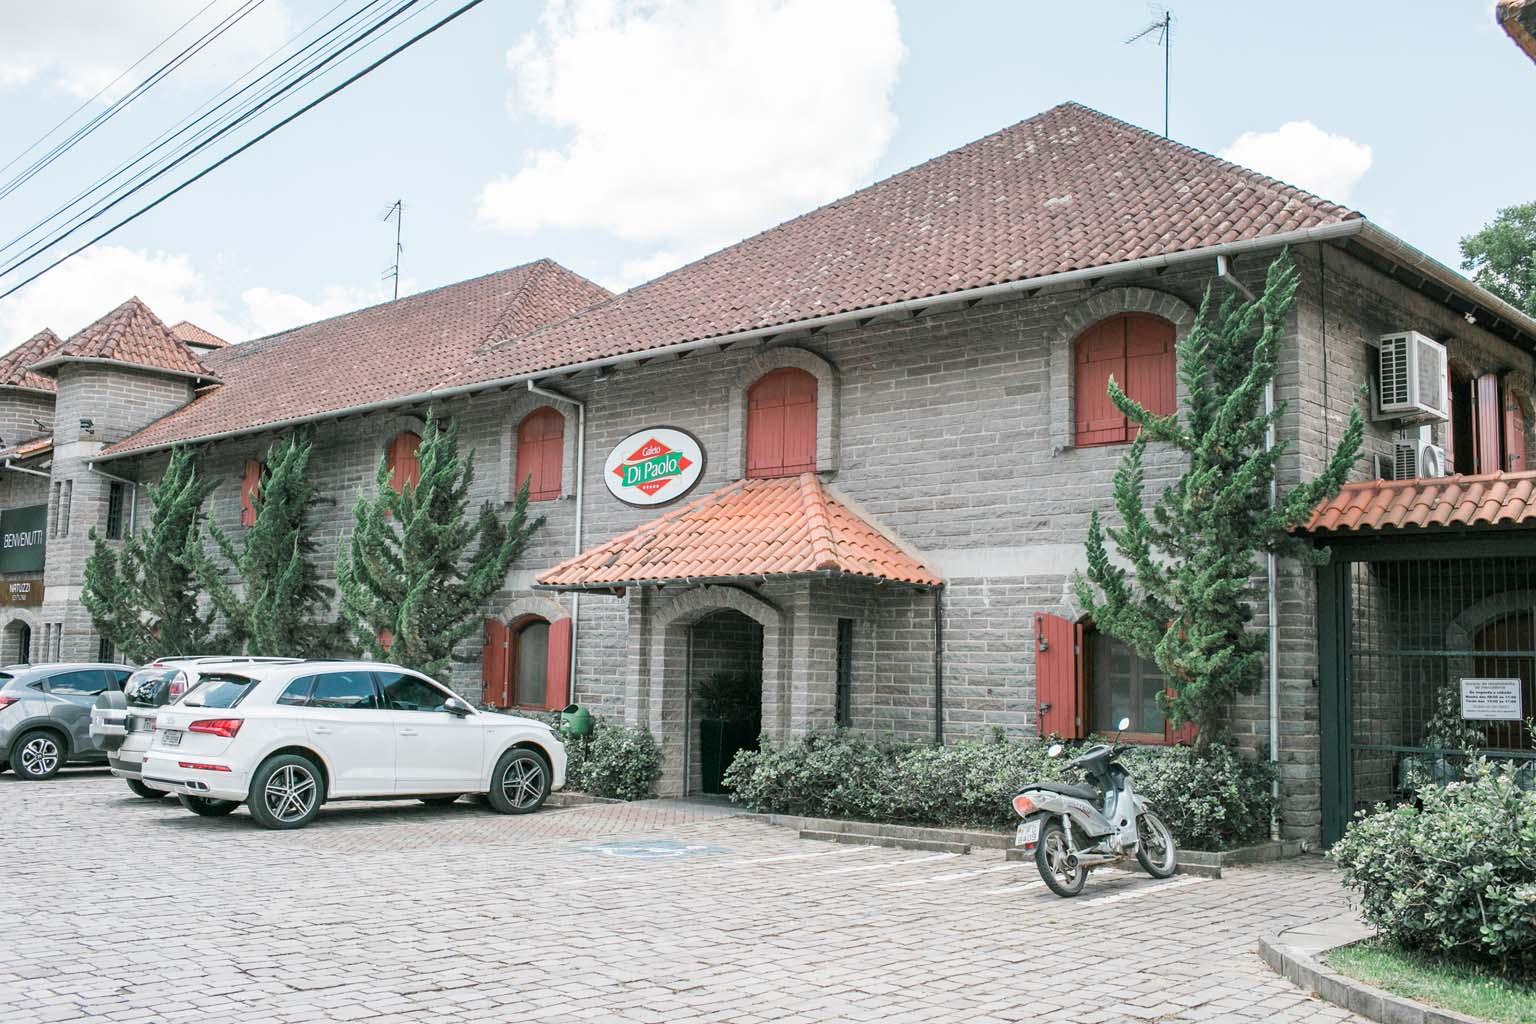 galeto di paolo bento Gonçalves